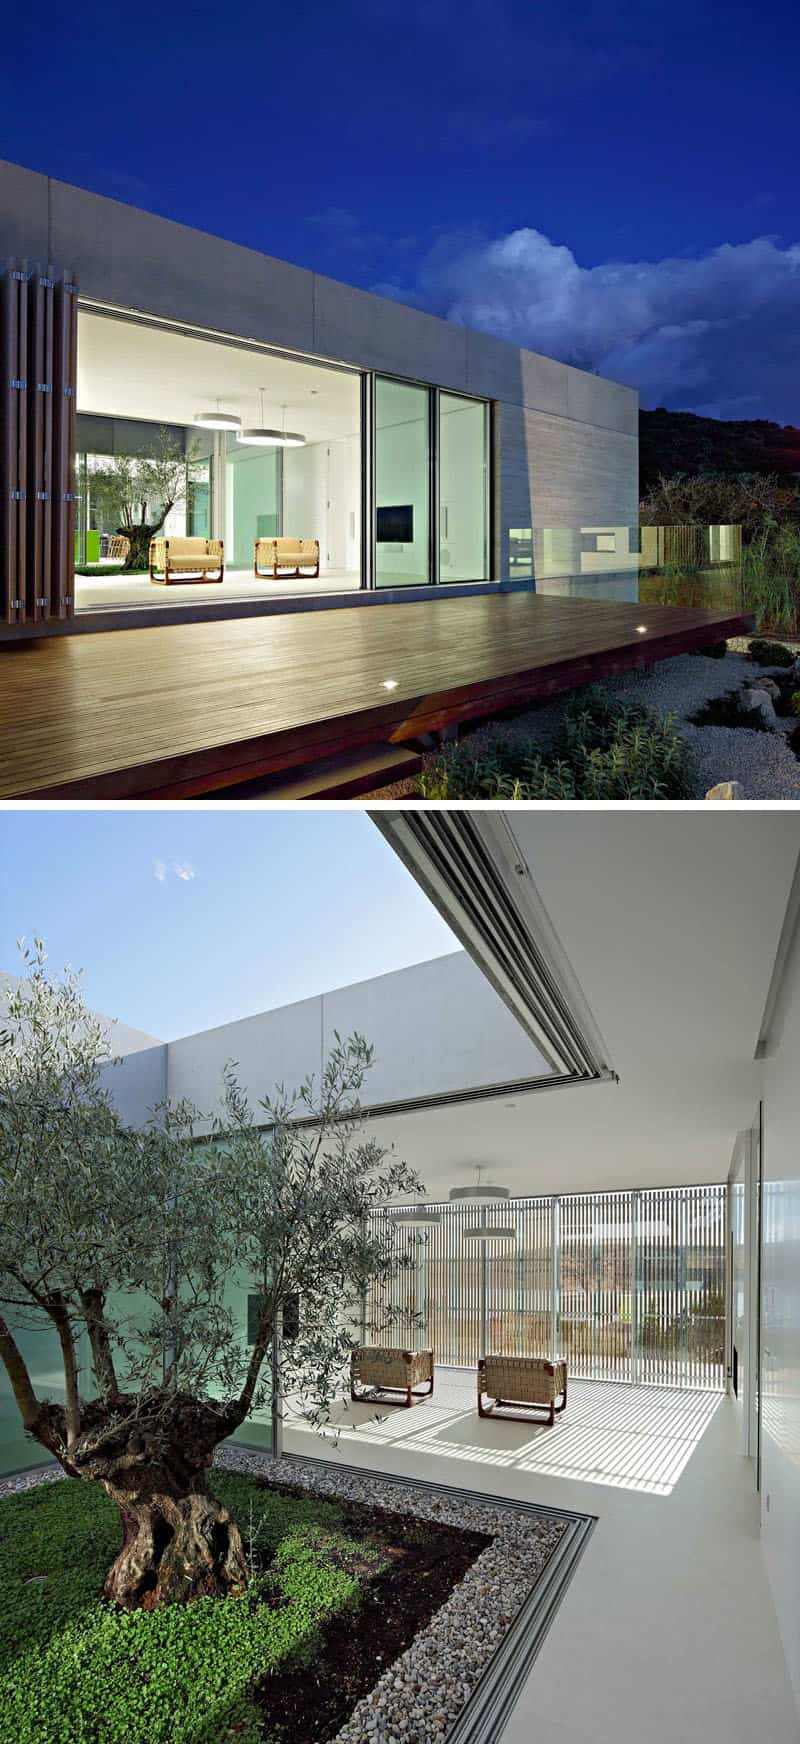 casa isla con patio ajardinado 6